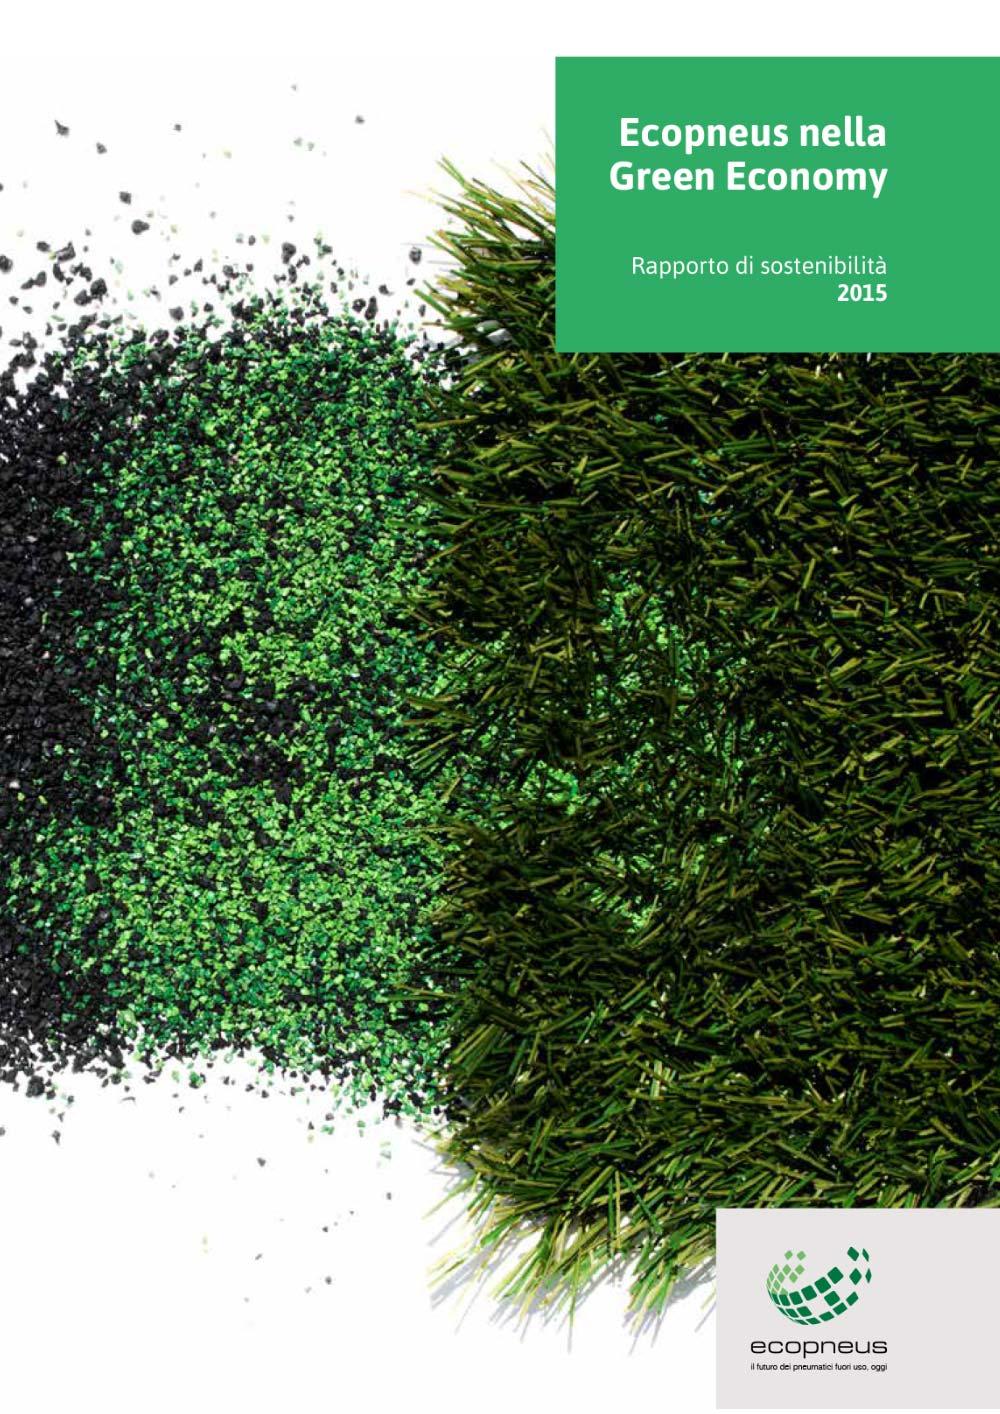 Ecopneus - Rapporto di sostenibilità 2015